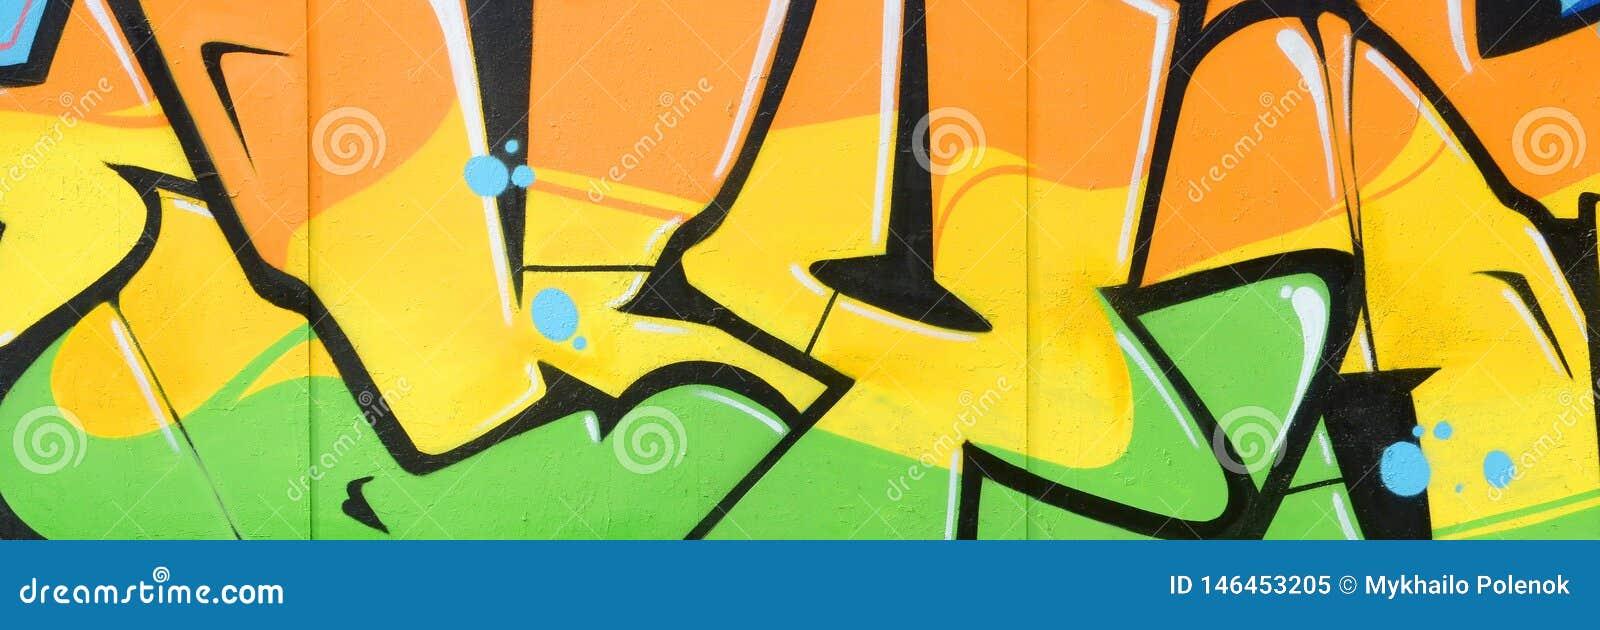 Czerep barwioni uliczni sztuka graffiti obrazy z konturami i podcieniowanie zamkni?ty w g?r?